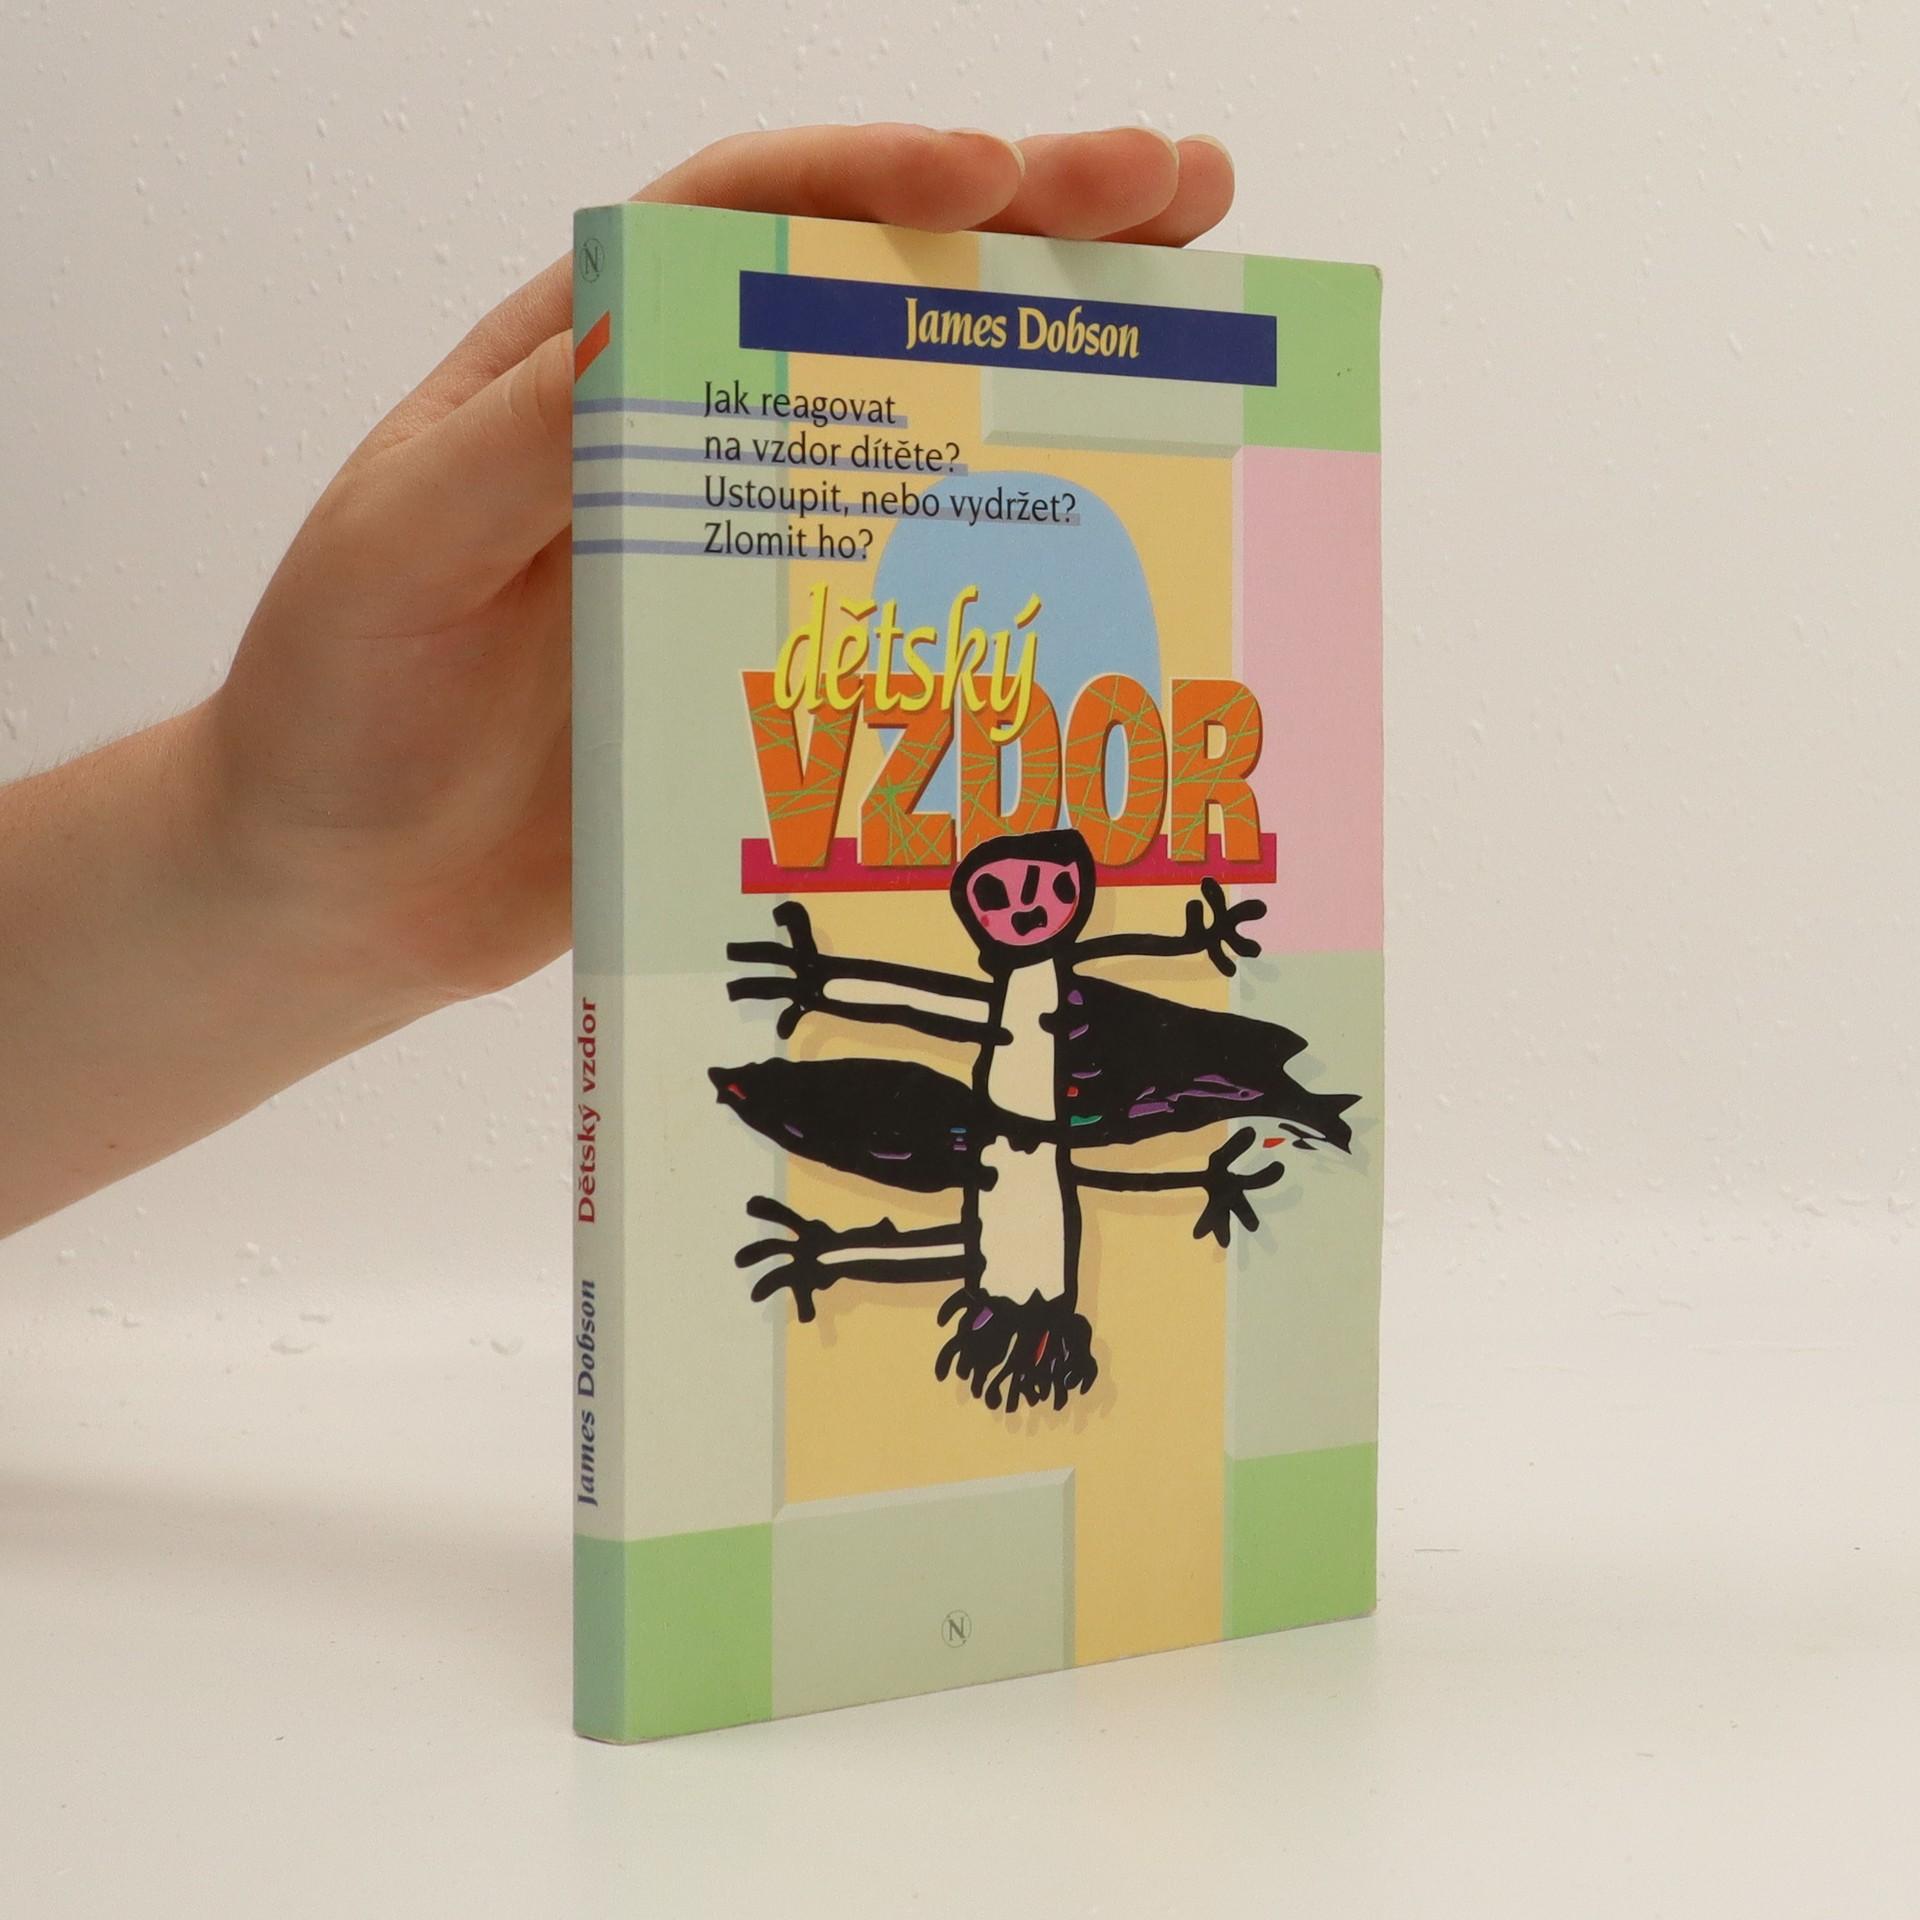 antikvární kniha Dětský vzdor, 1995